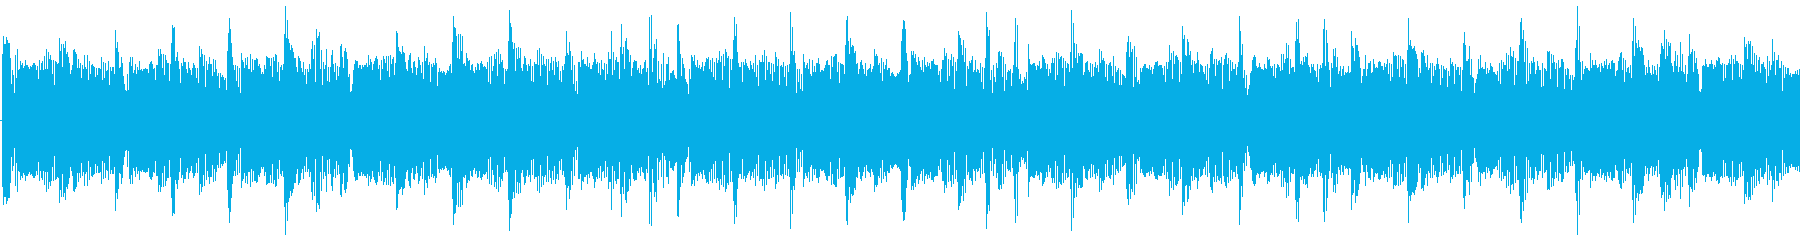 エレクトロなイメージをした楽曲です。の再生済みの波形